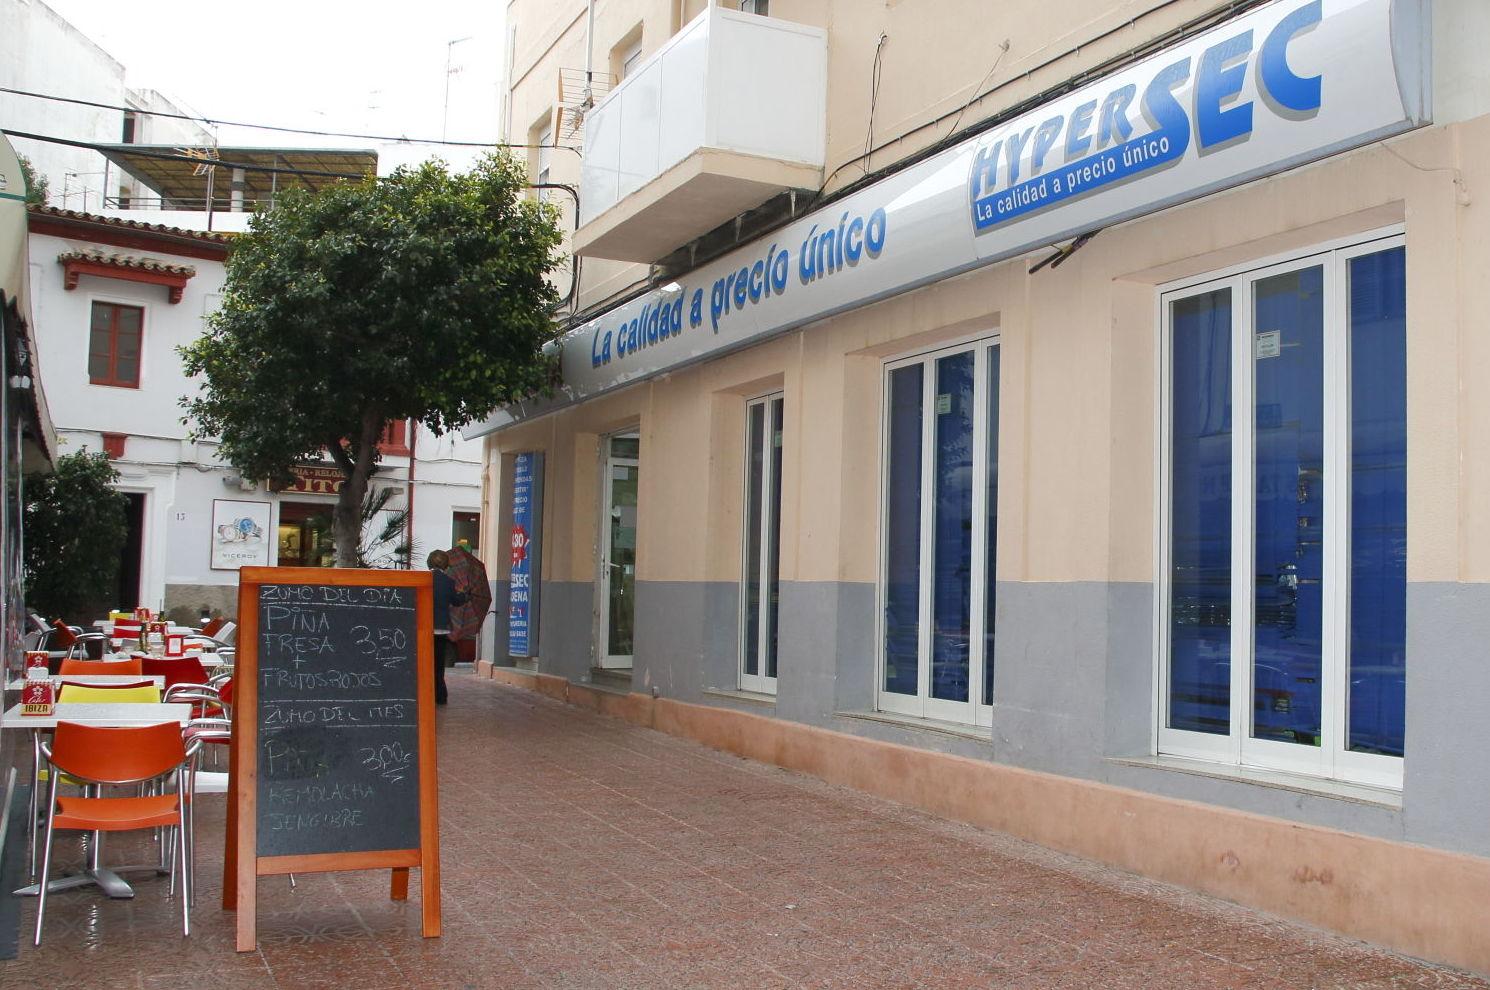 Tntorerias Hypersec en Eivissa Baleares